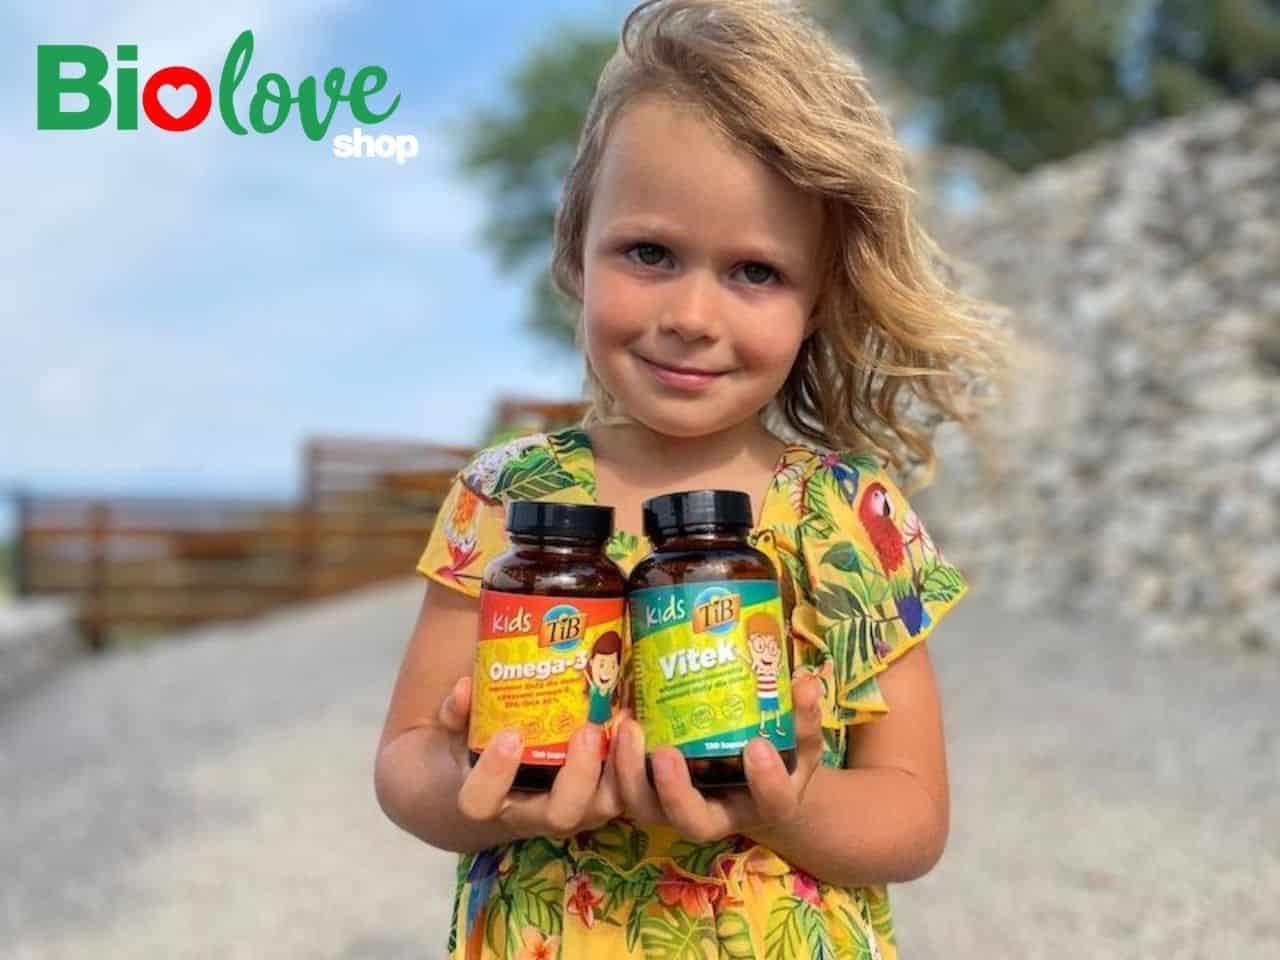 Kids Vitek i Kids Omega BioLoveShop.com